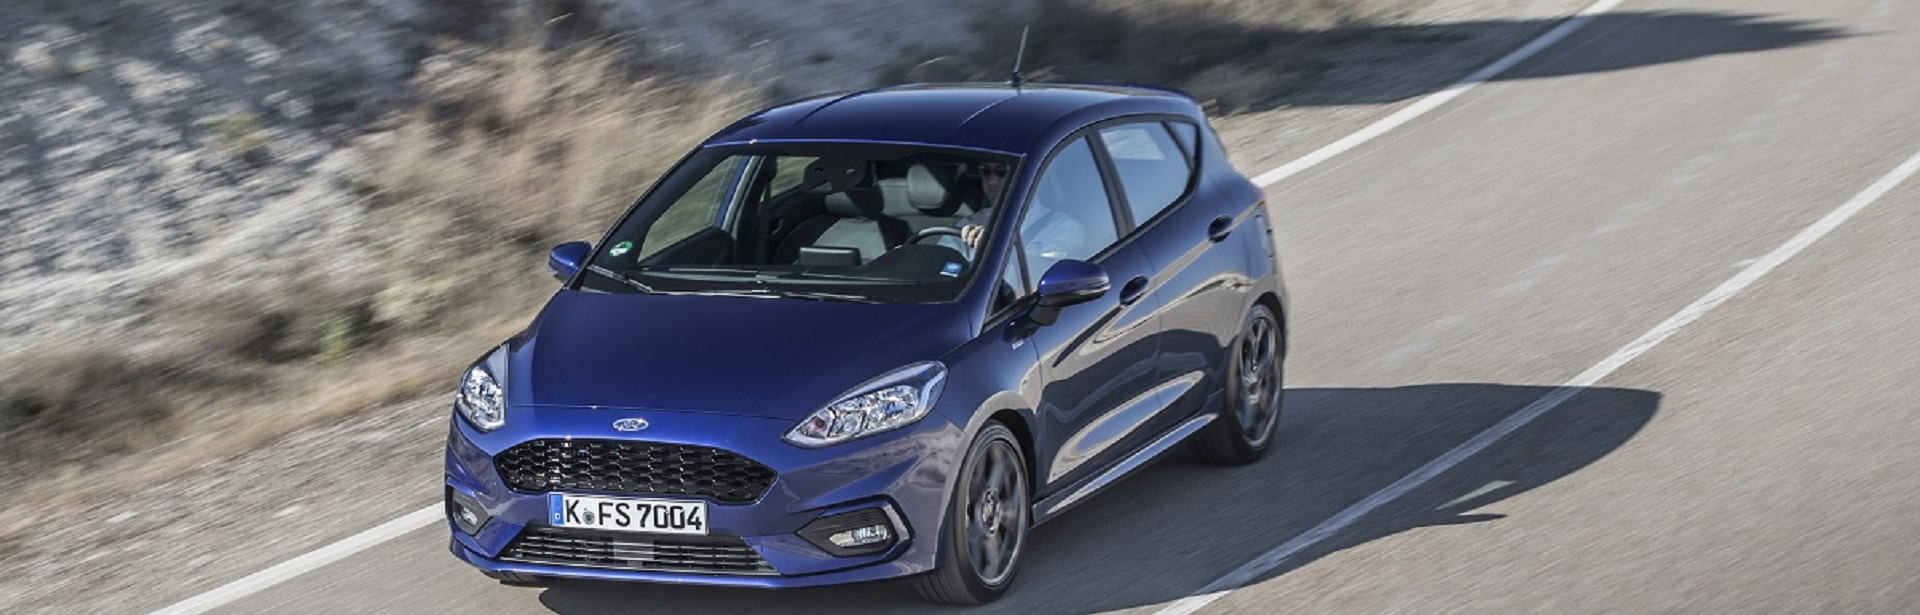 Ford Fiesta Trend 5-türig